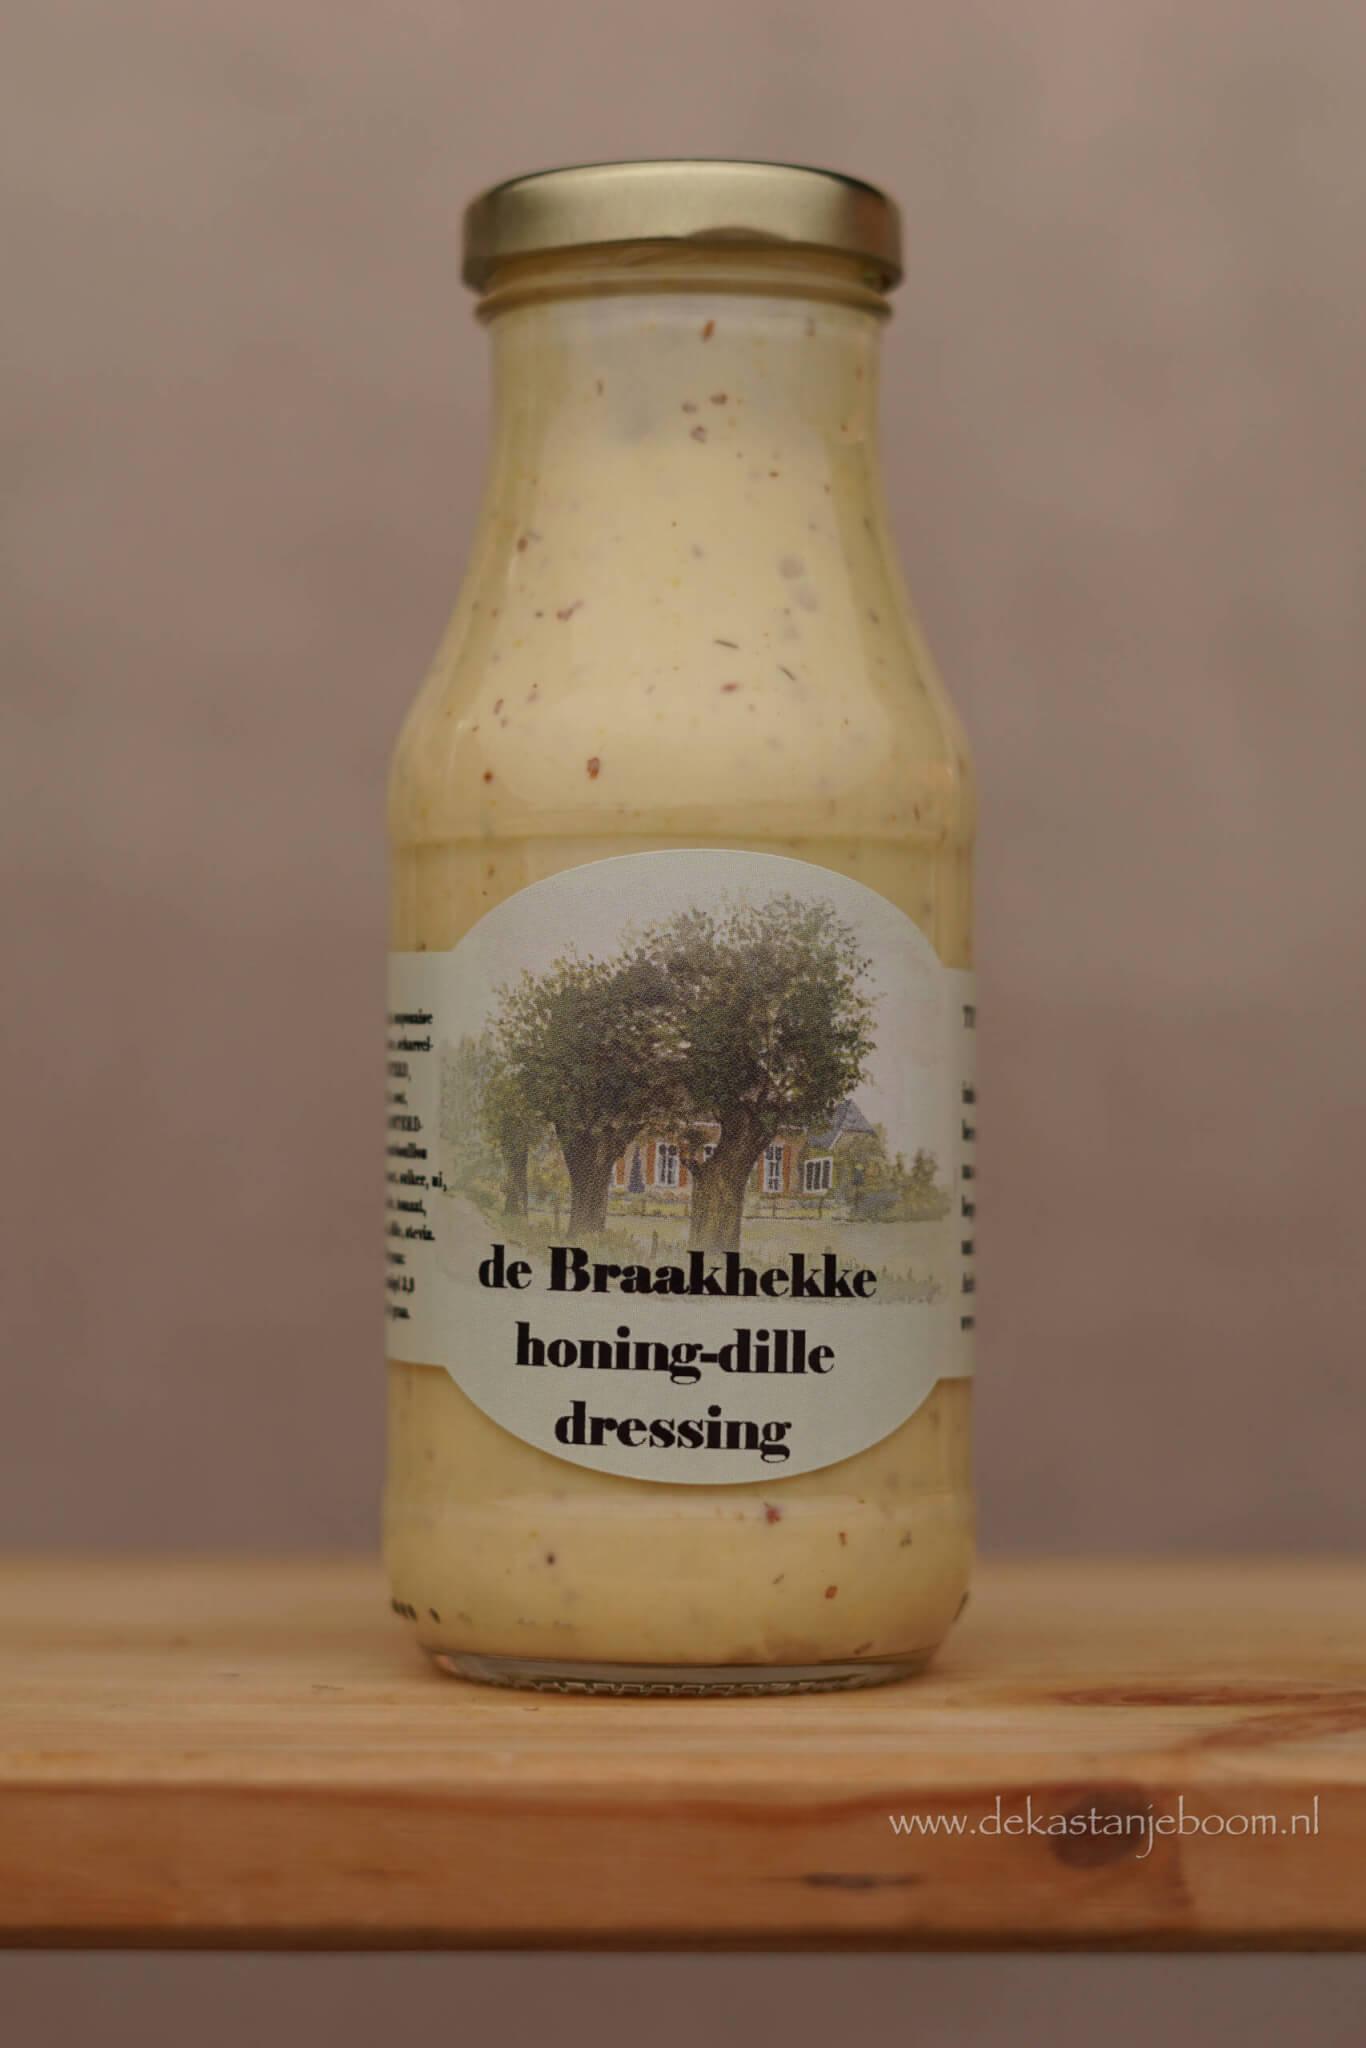 Braakhekke honing-dille dressing